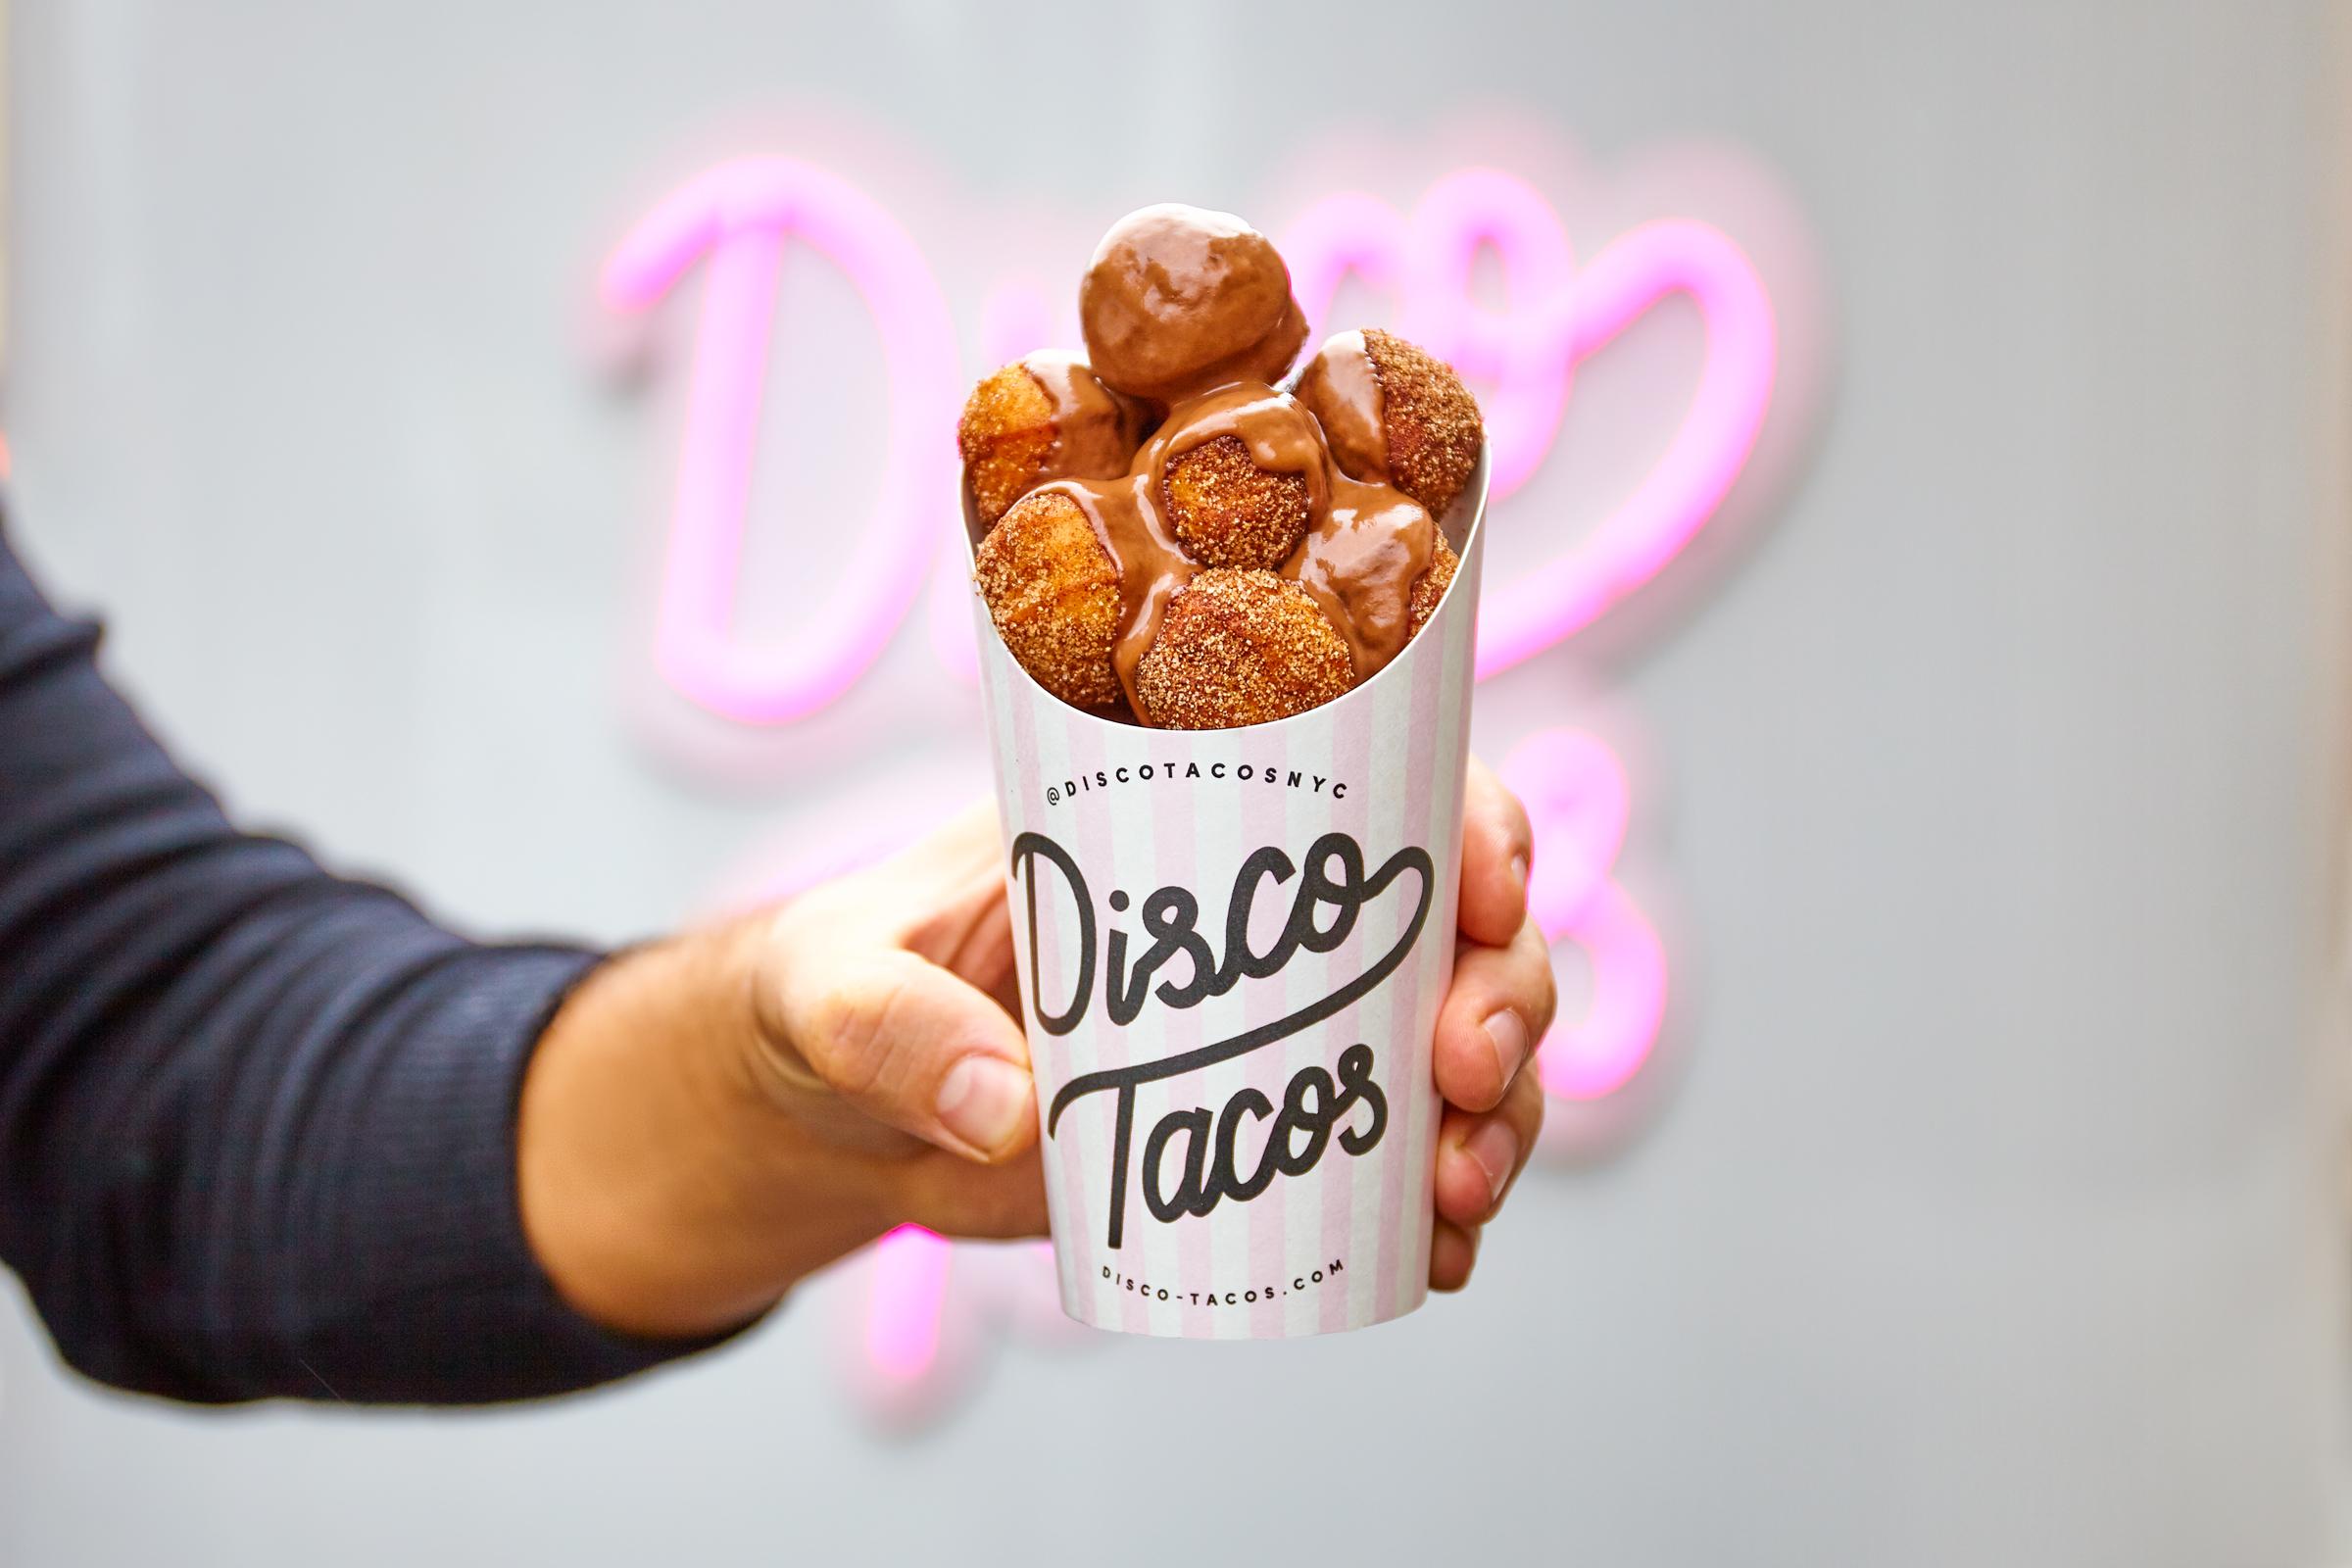 Disco Tacos Churro Donuts